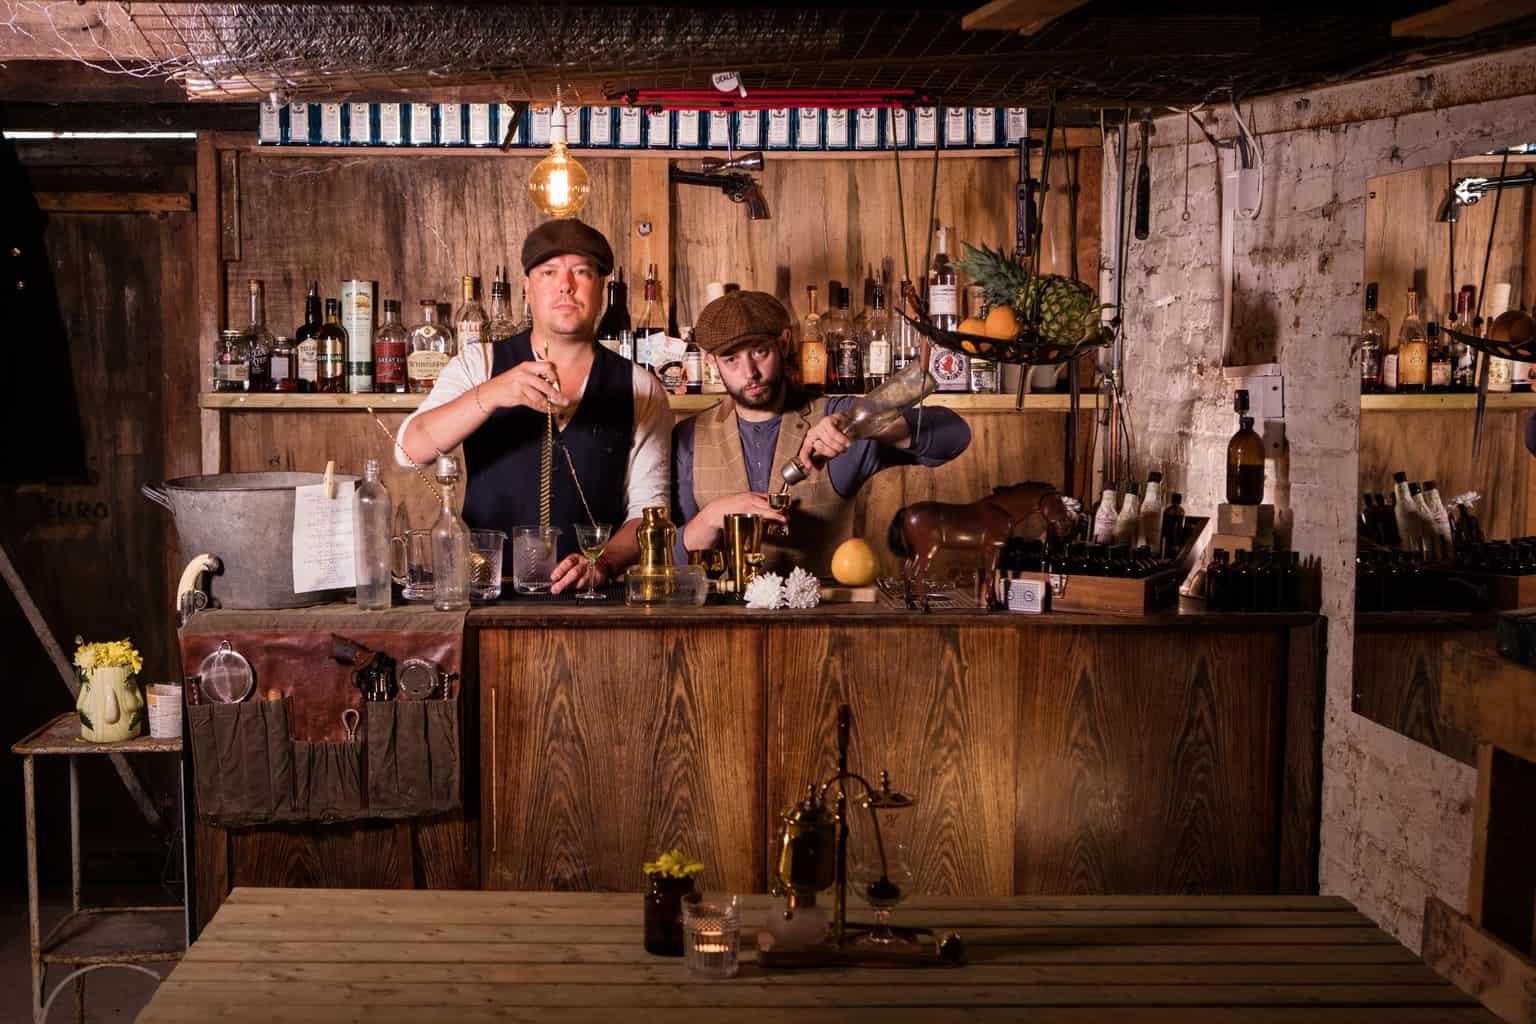 Chris Edwards & Dave Tregenza making winter cocktails behind a bar